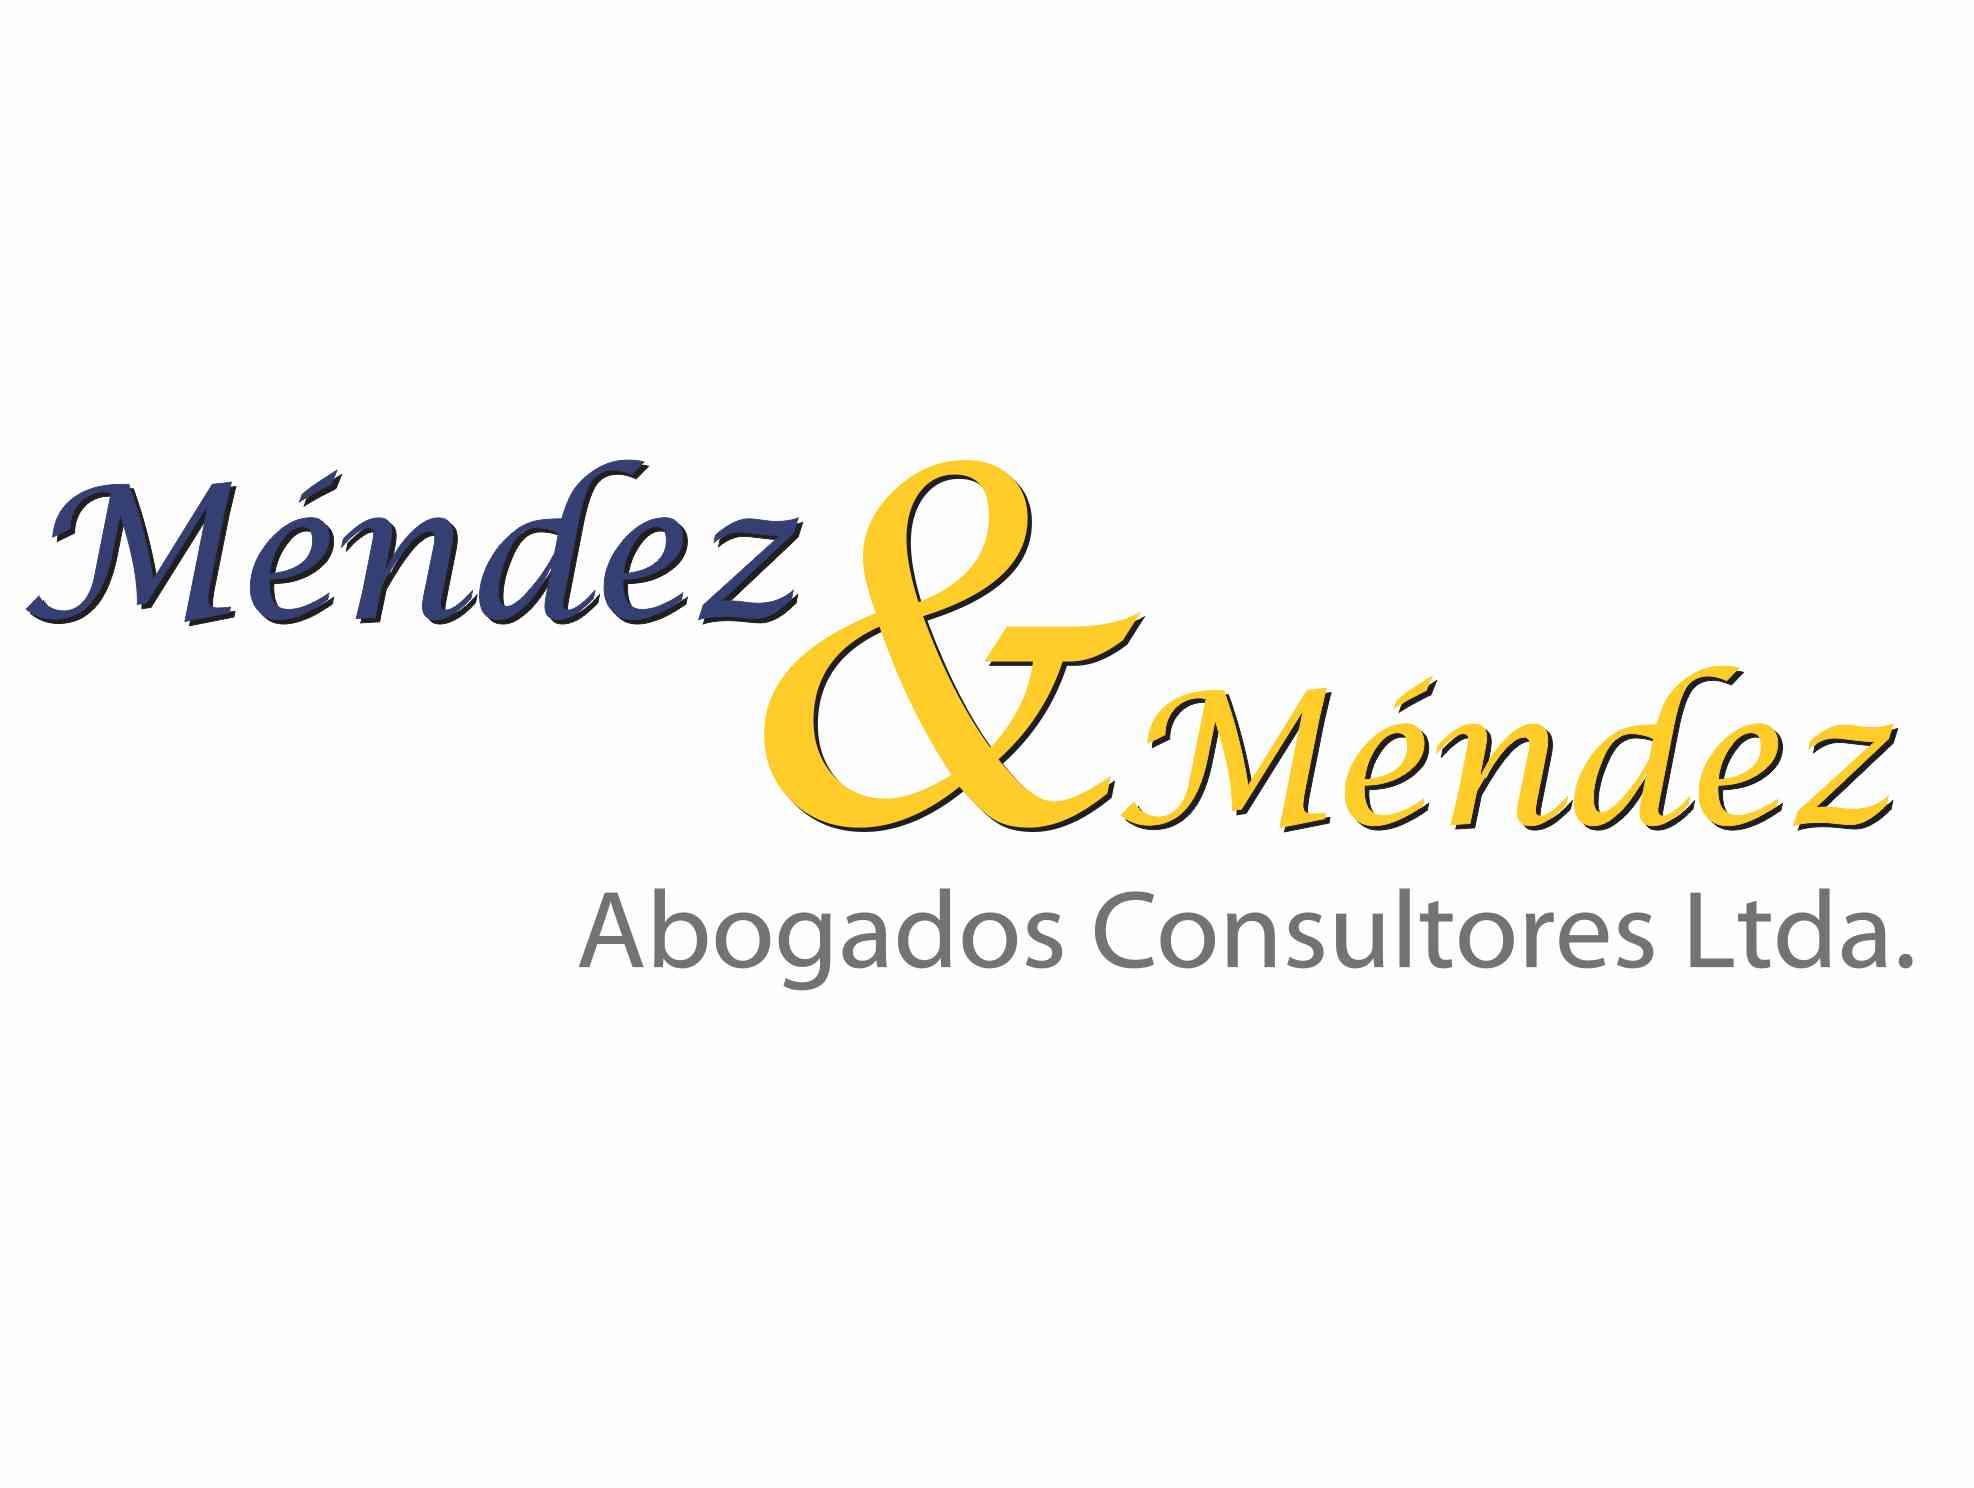 Mendez y Mendez